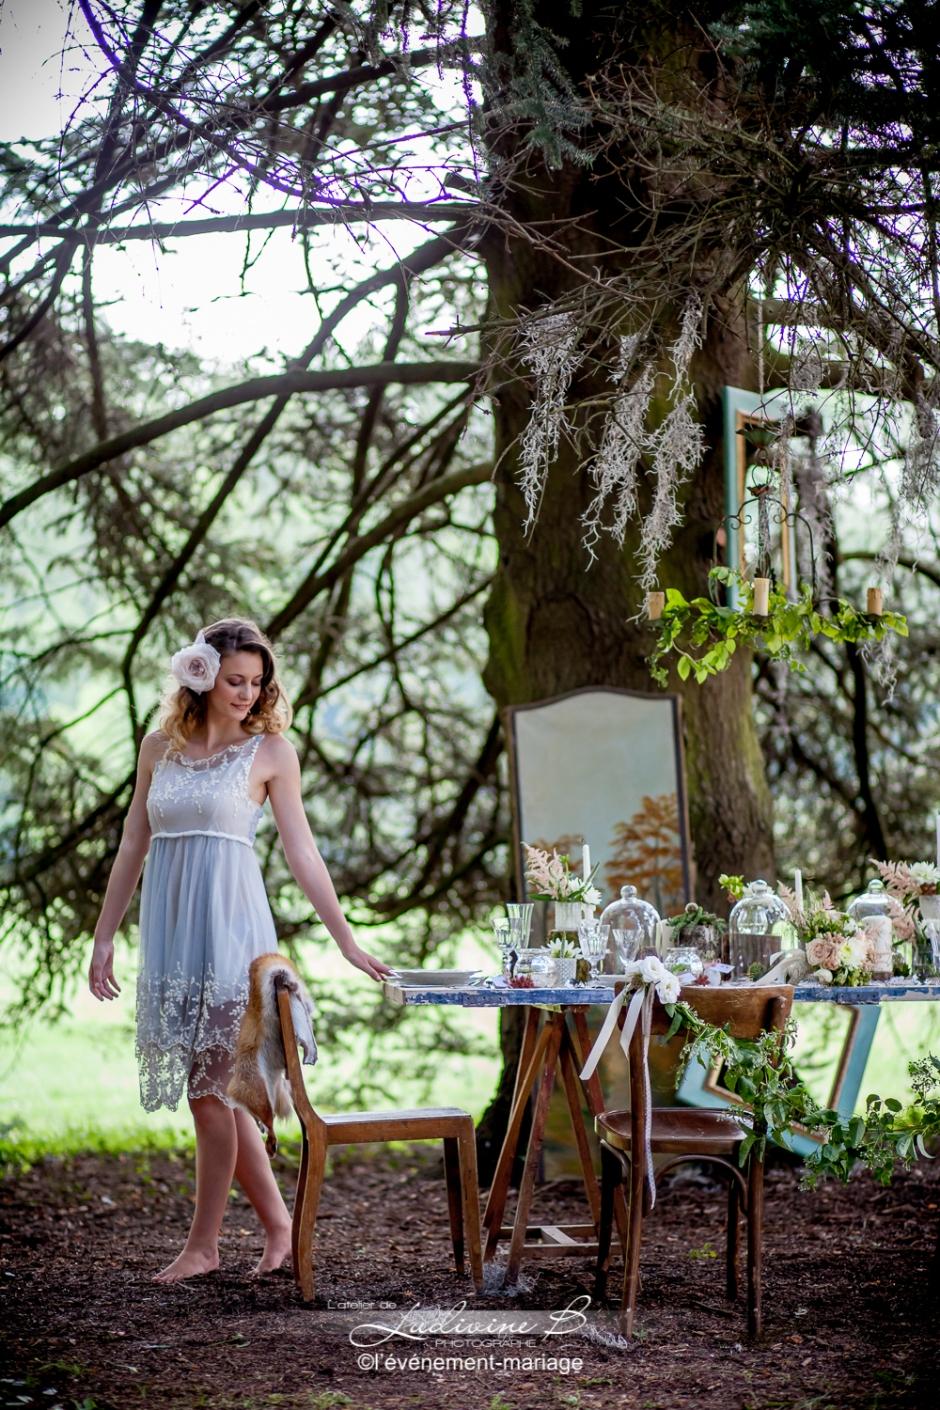 la-blogueuse-mariage-ephemeres-design-9